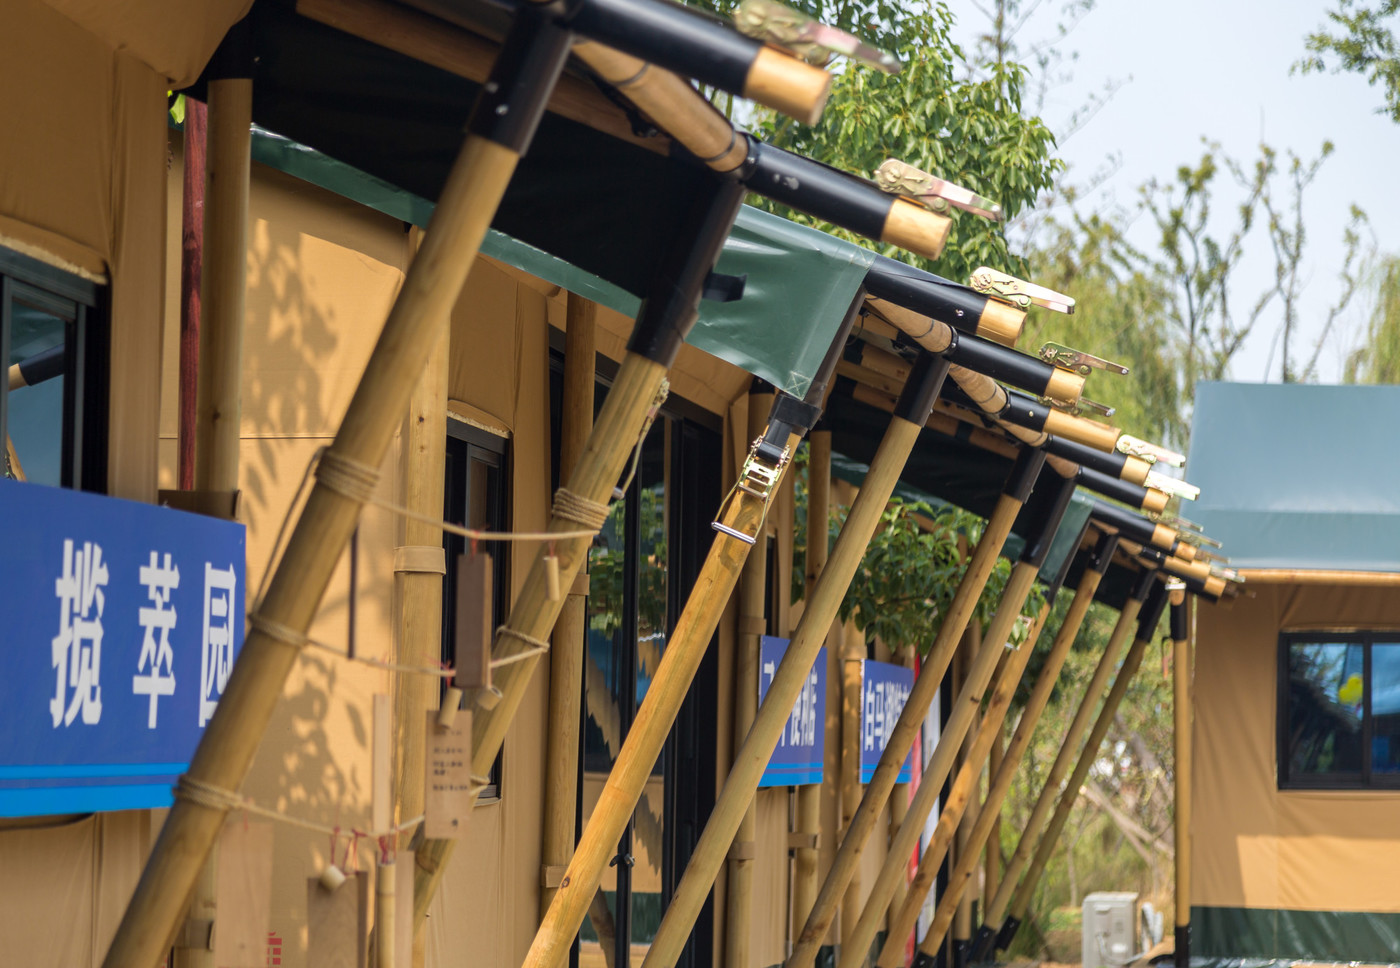 喜马拉雅野奢帐篷酒店—淮安白马湖度假区商铺16